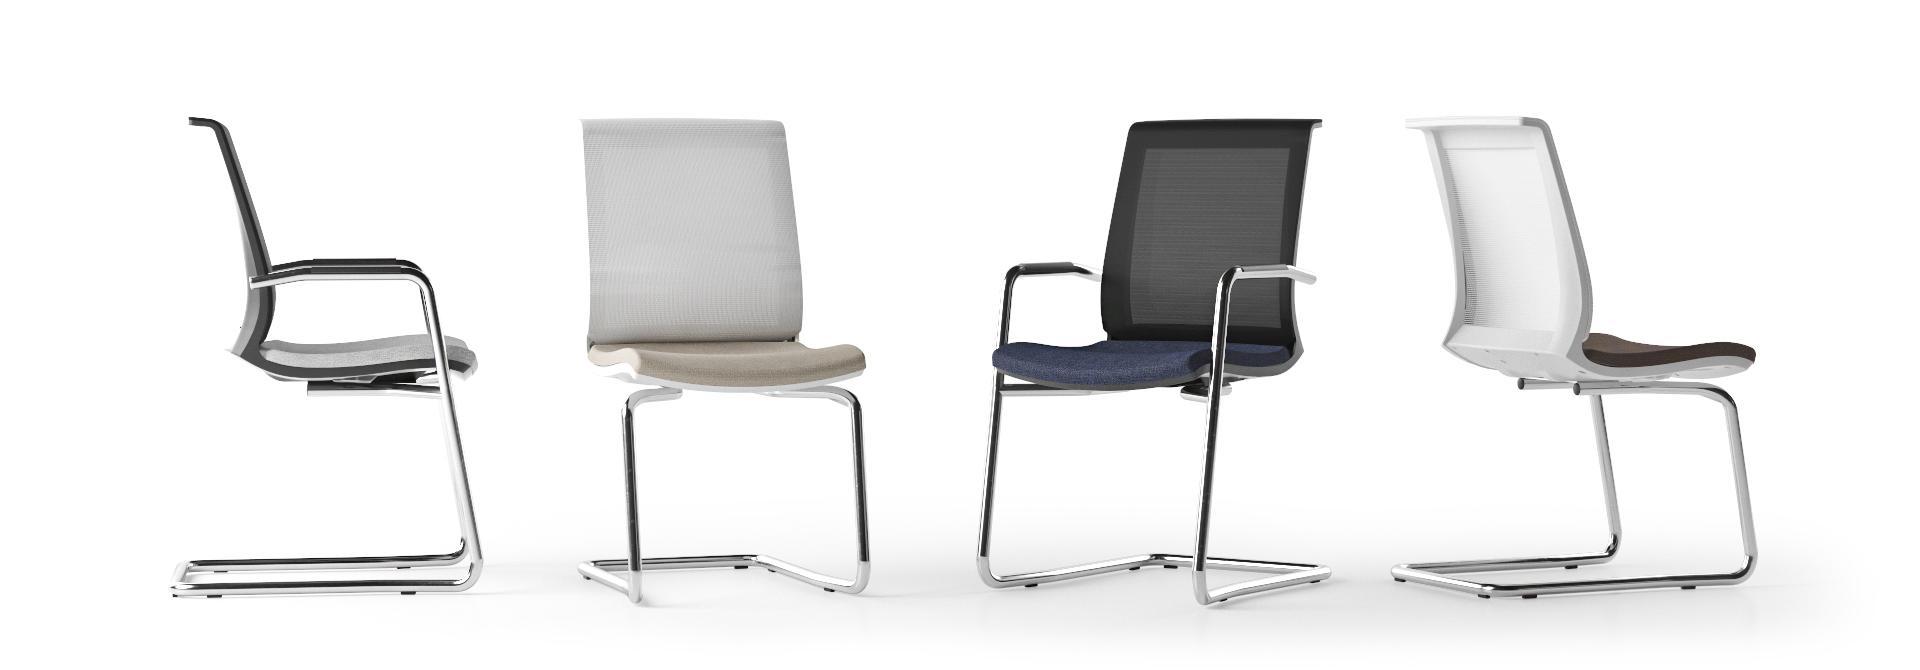 scaune vizitator stivuibile